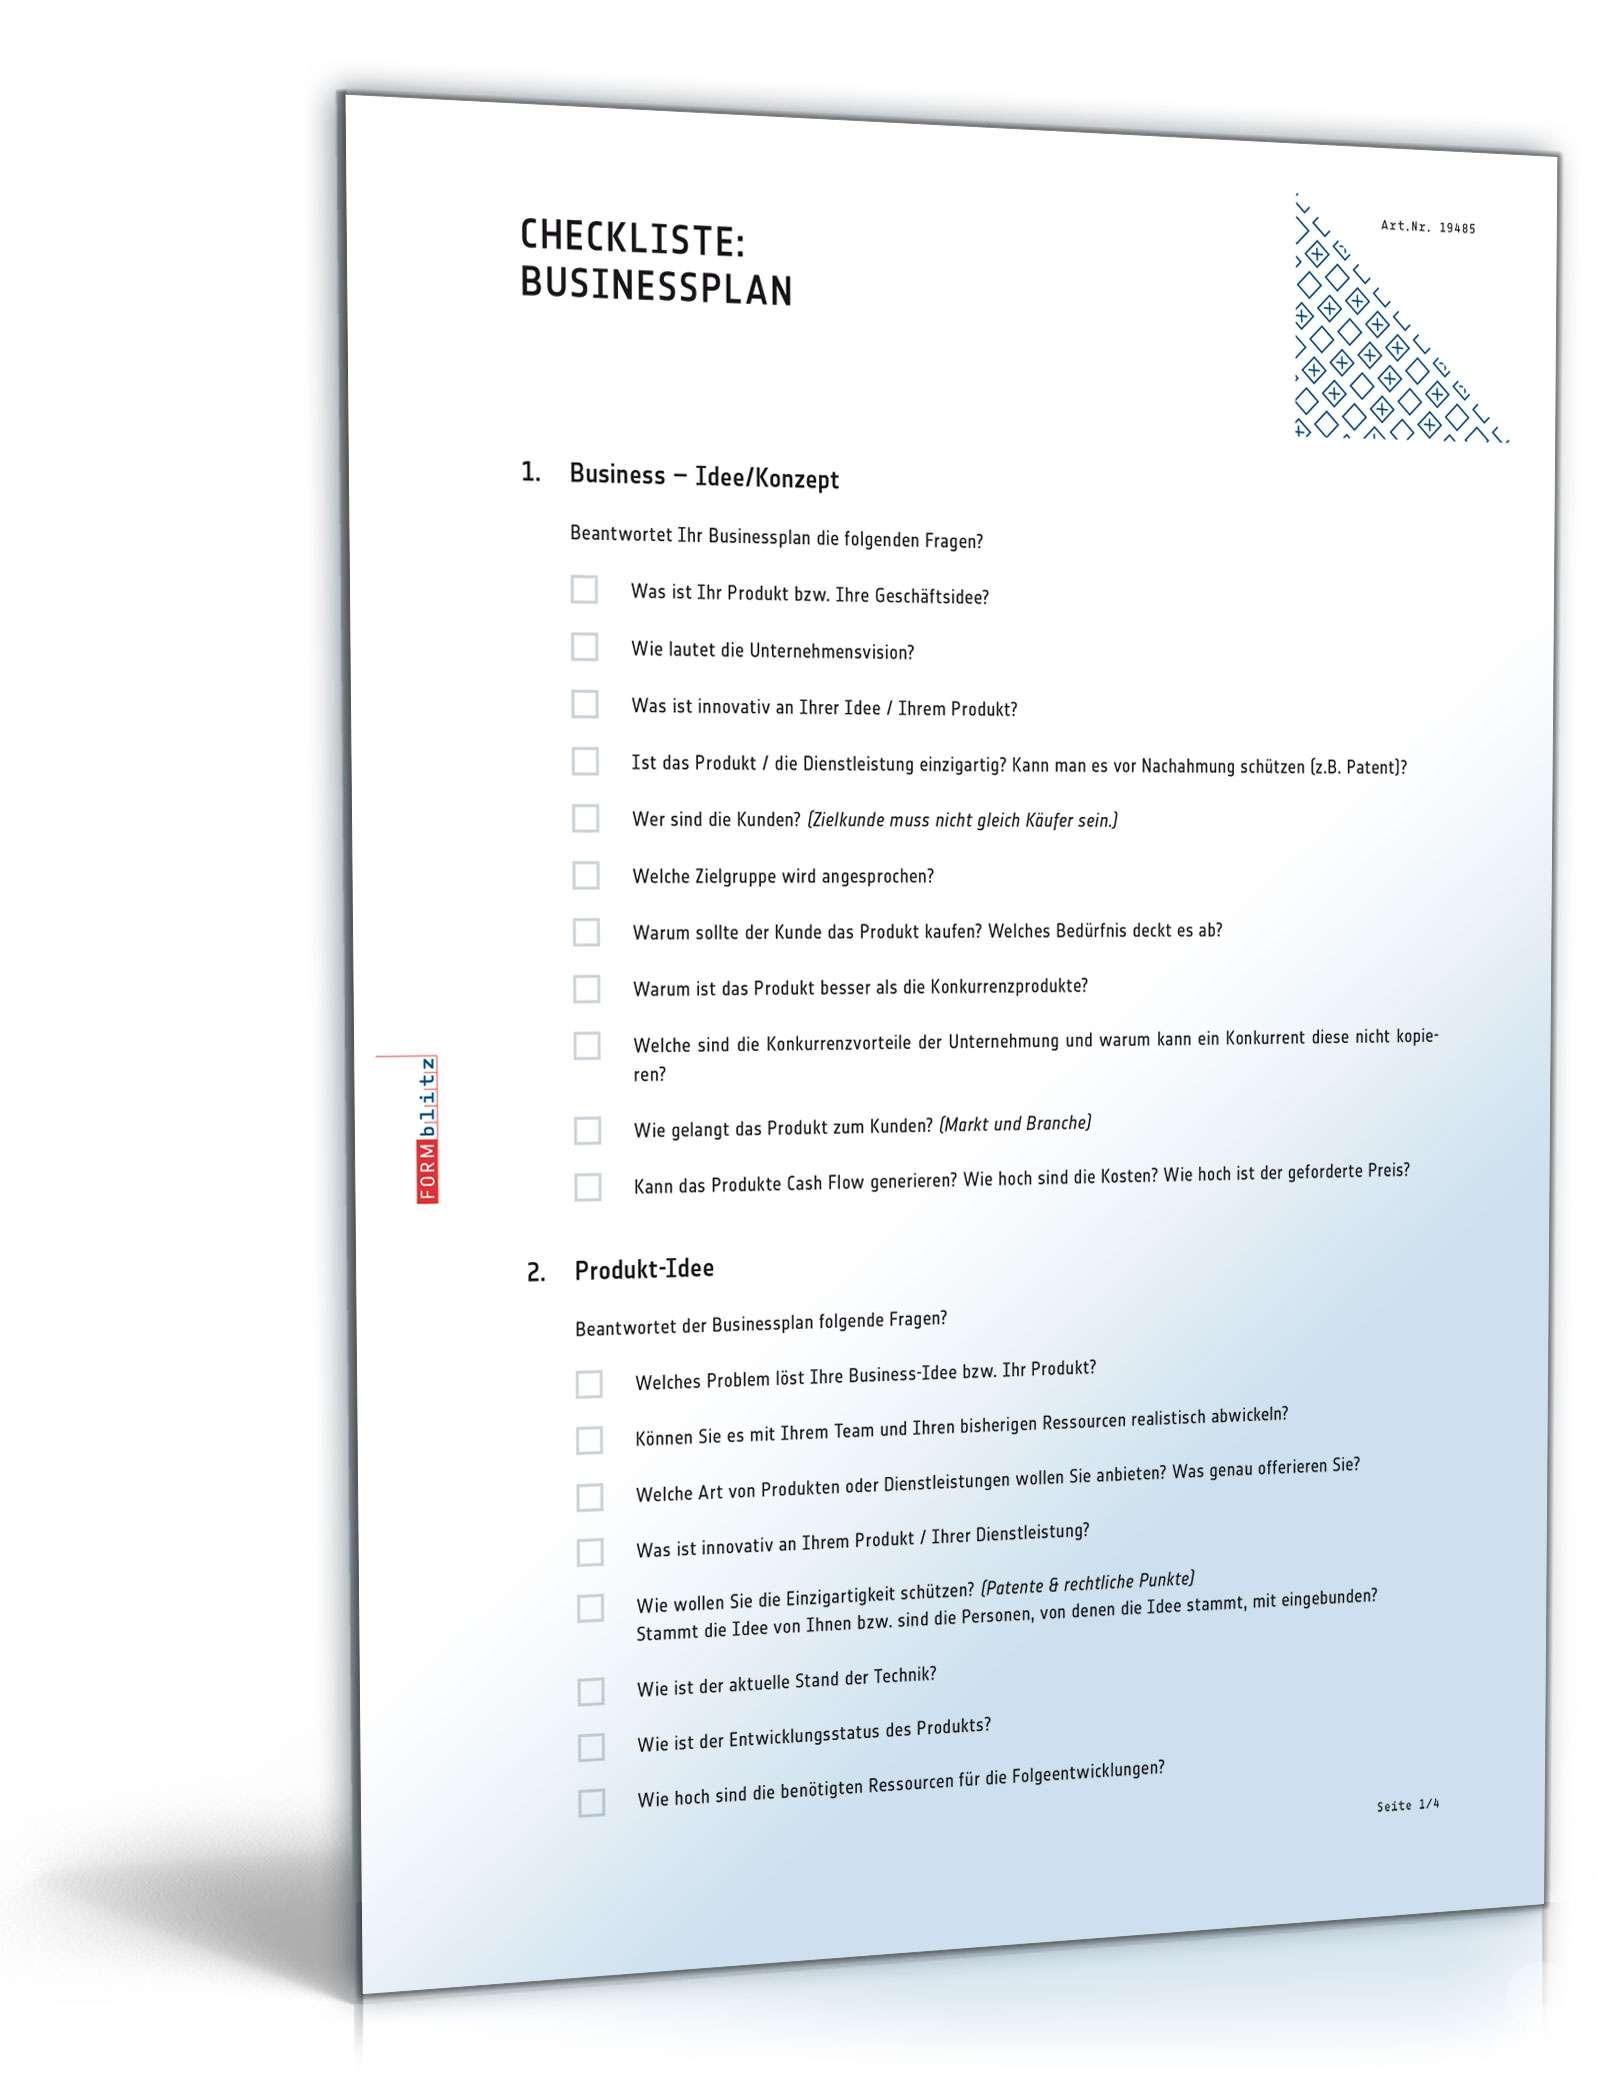 Checkliste für einen Businessplan Dokument zum Download